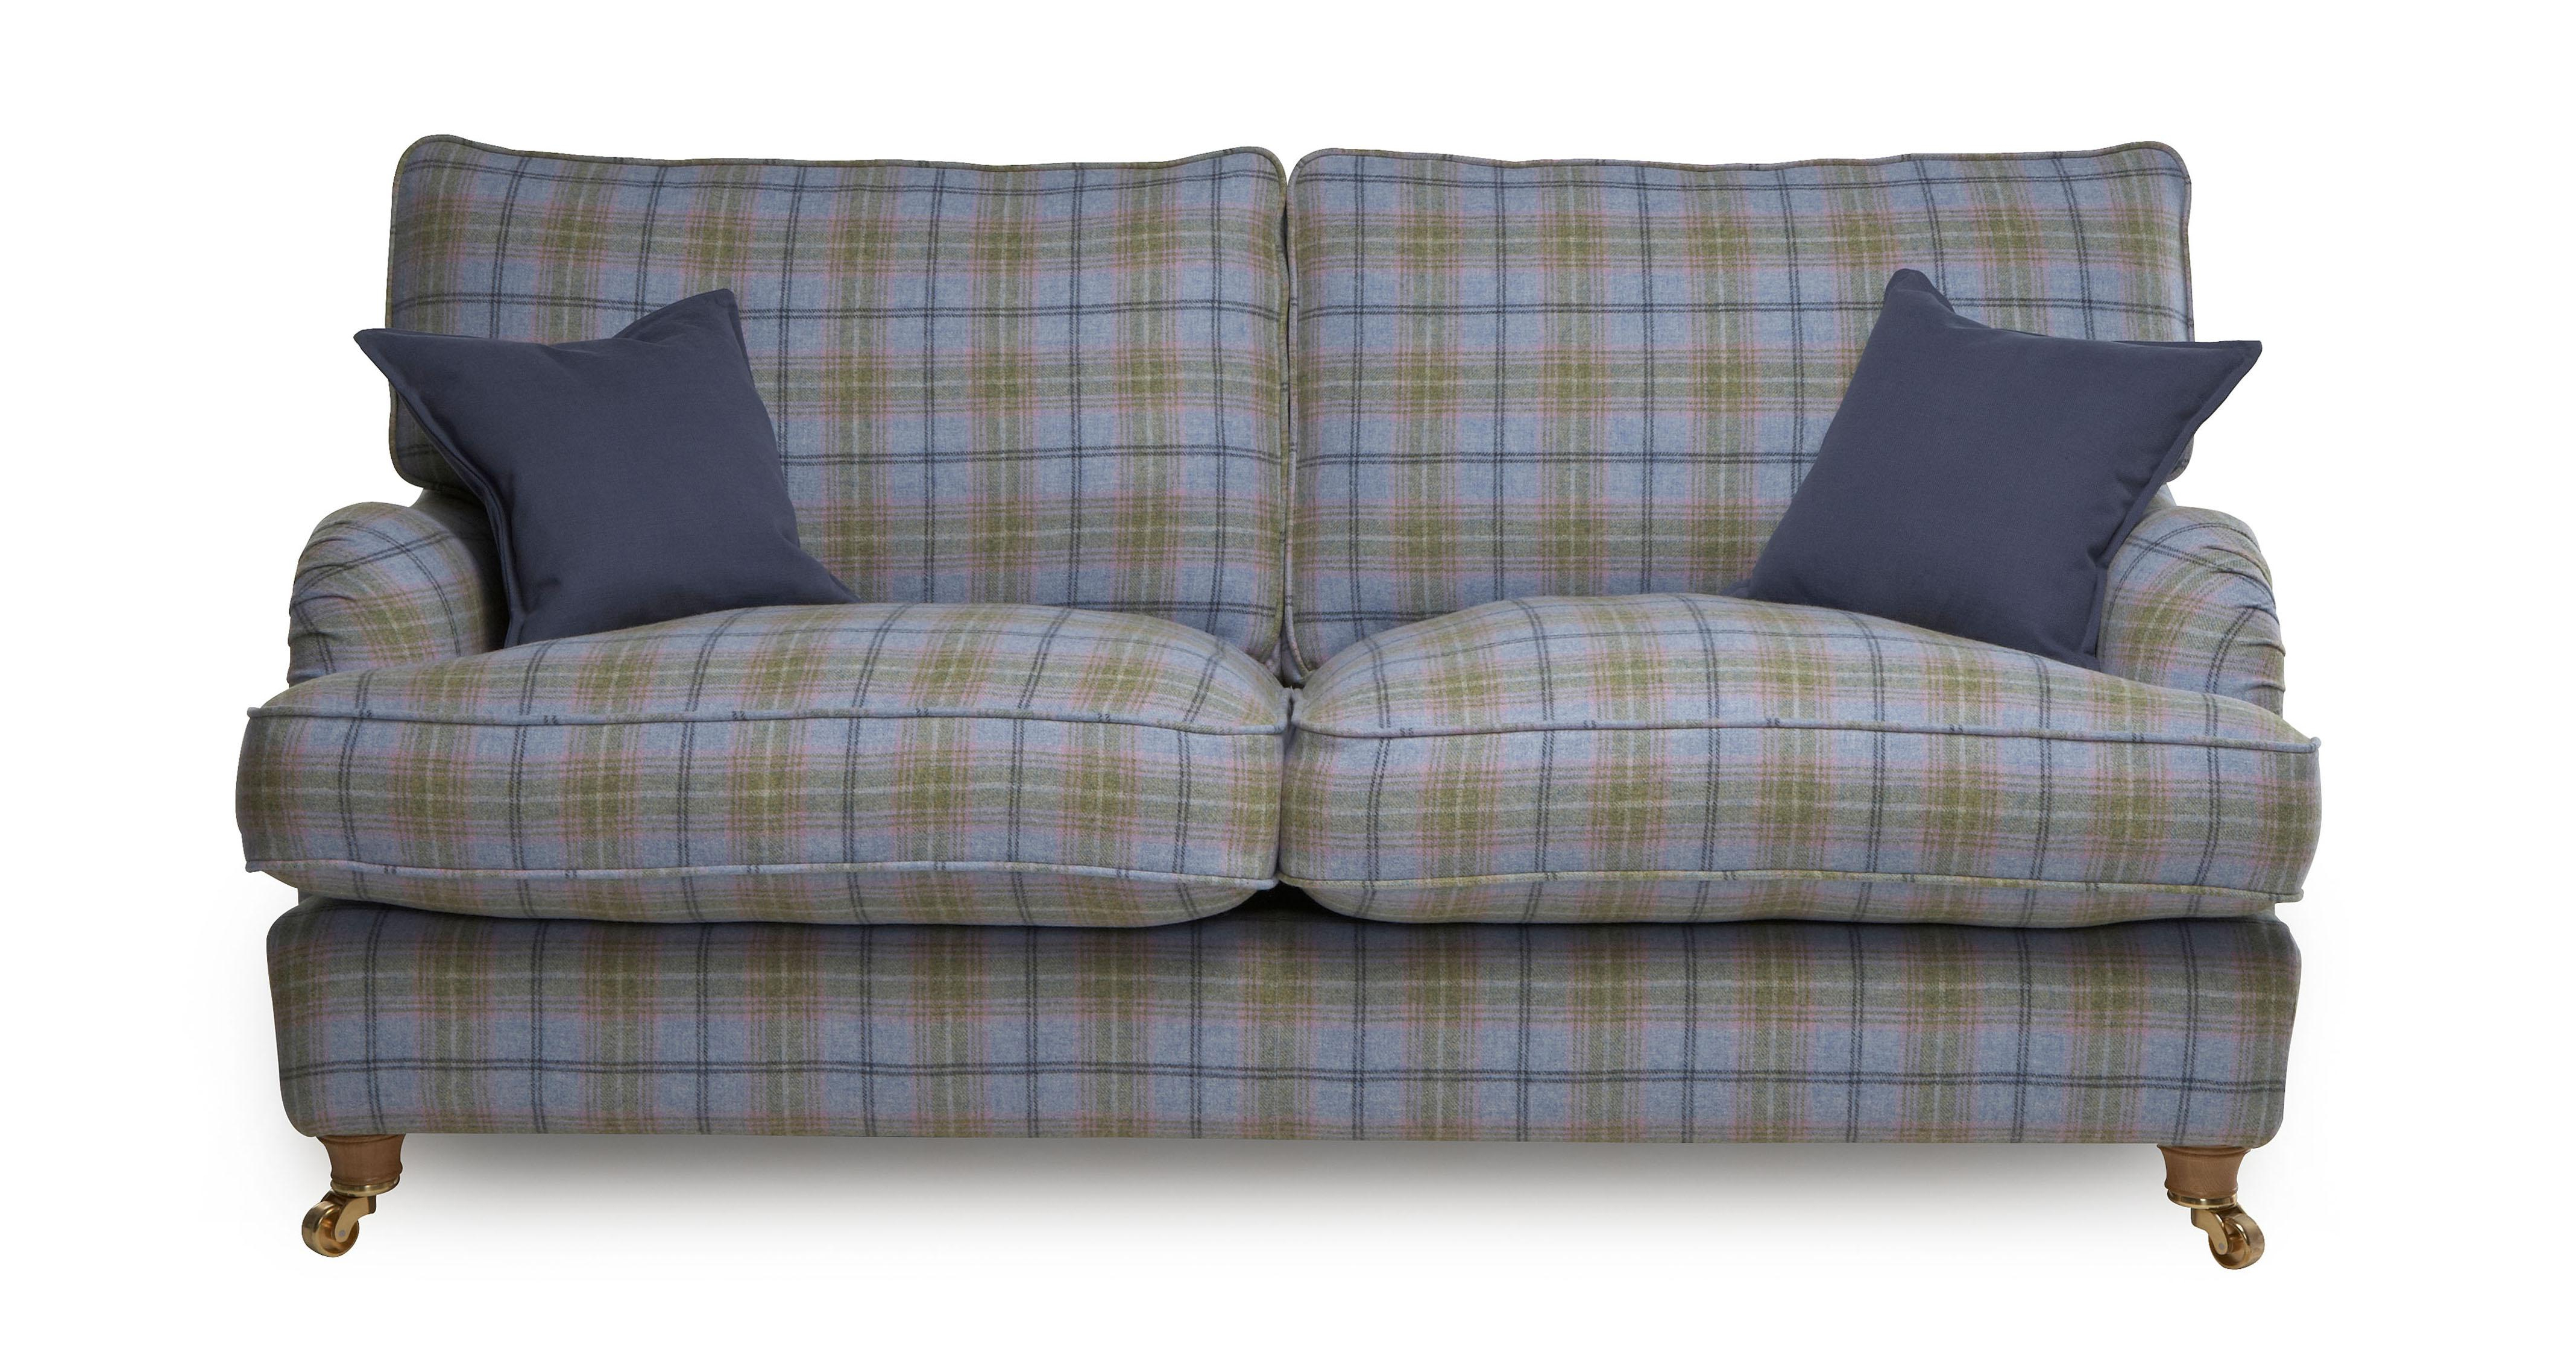 Plaids sofa Irdz Gower Plaid Large sofa Gower Plaid Dfs